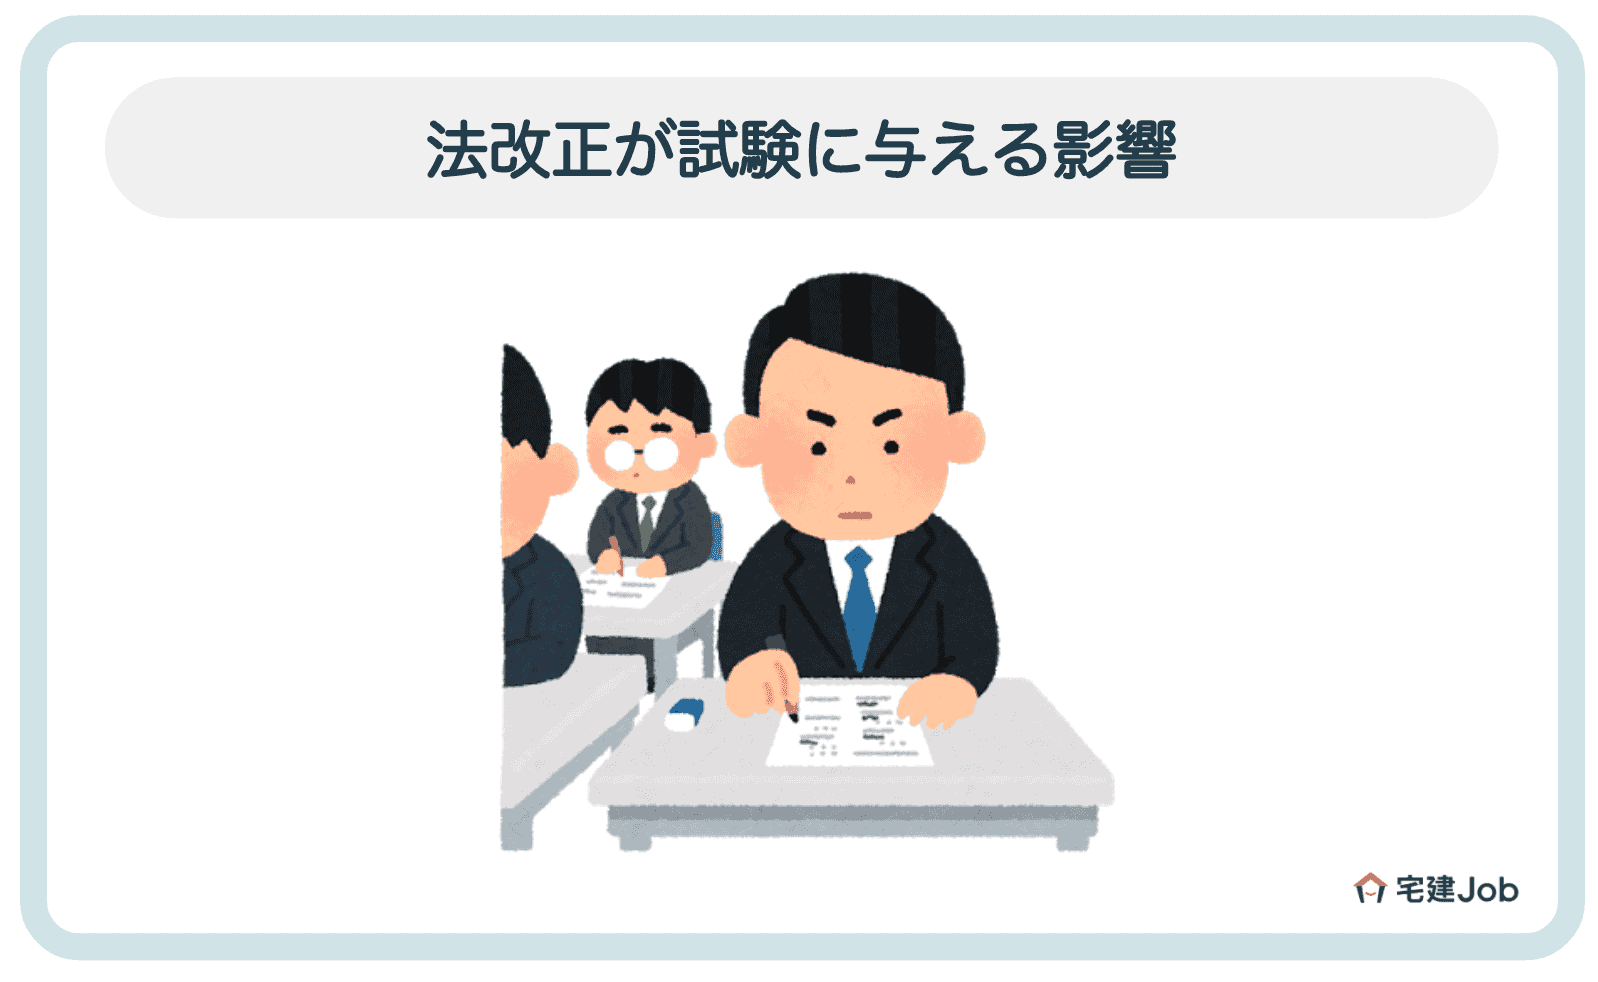 2.建築士法の改正が試験に与える影響【受験資格の緩和】